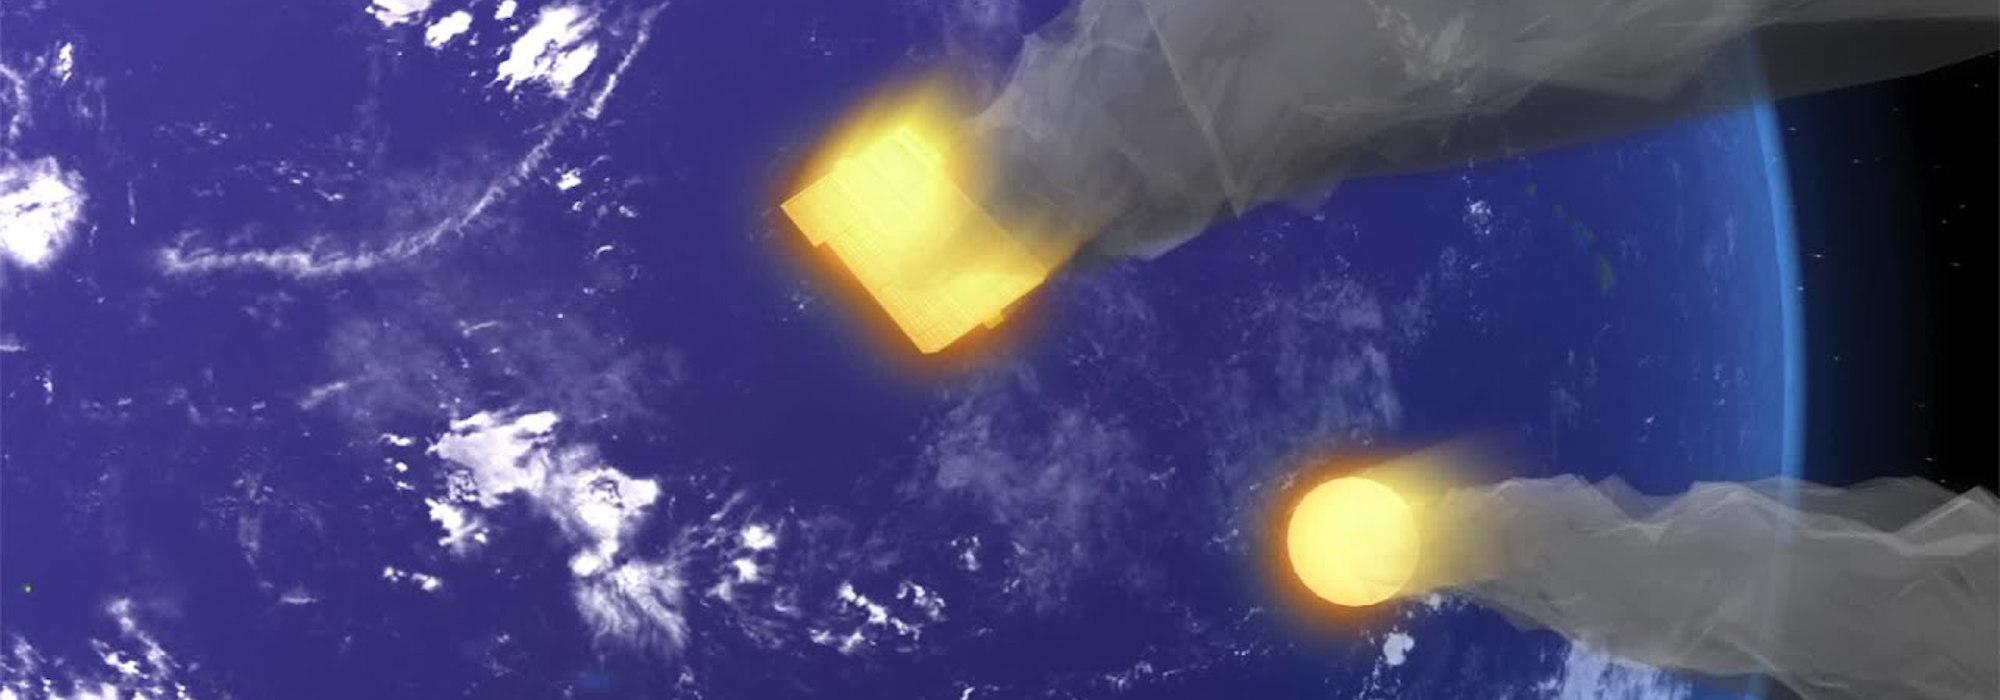 Uydu Mezarlıkları: İşi biten uydular nereye gider?